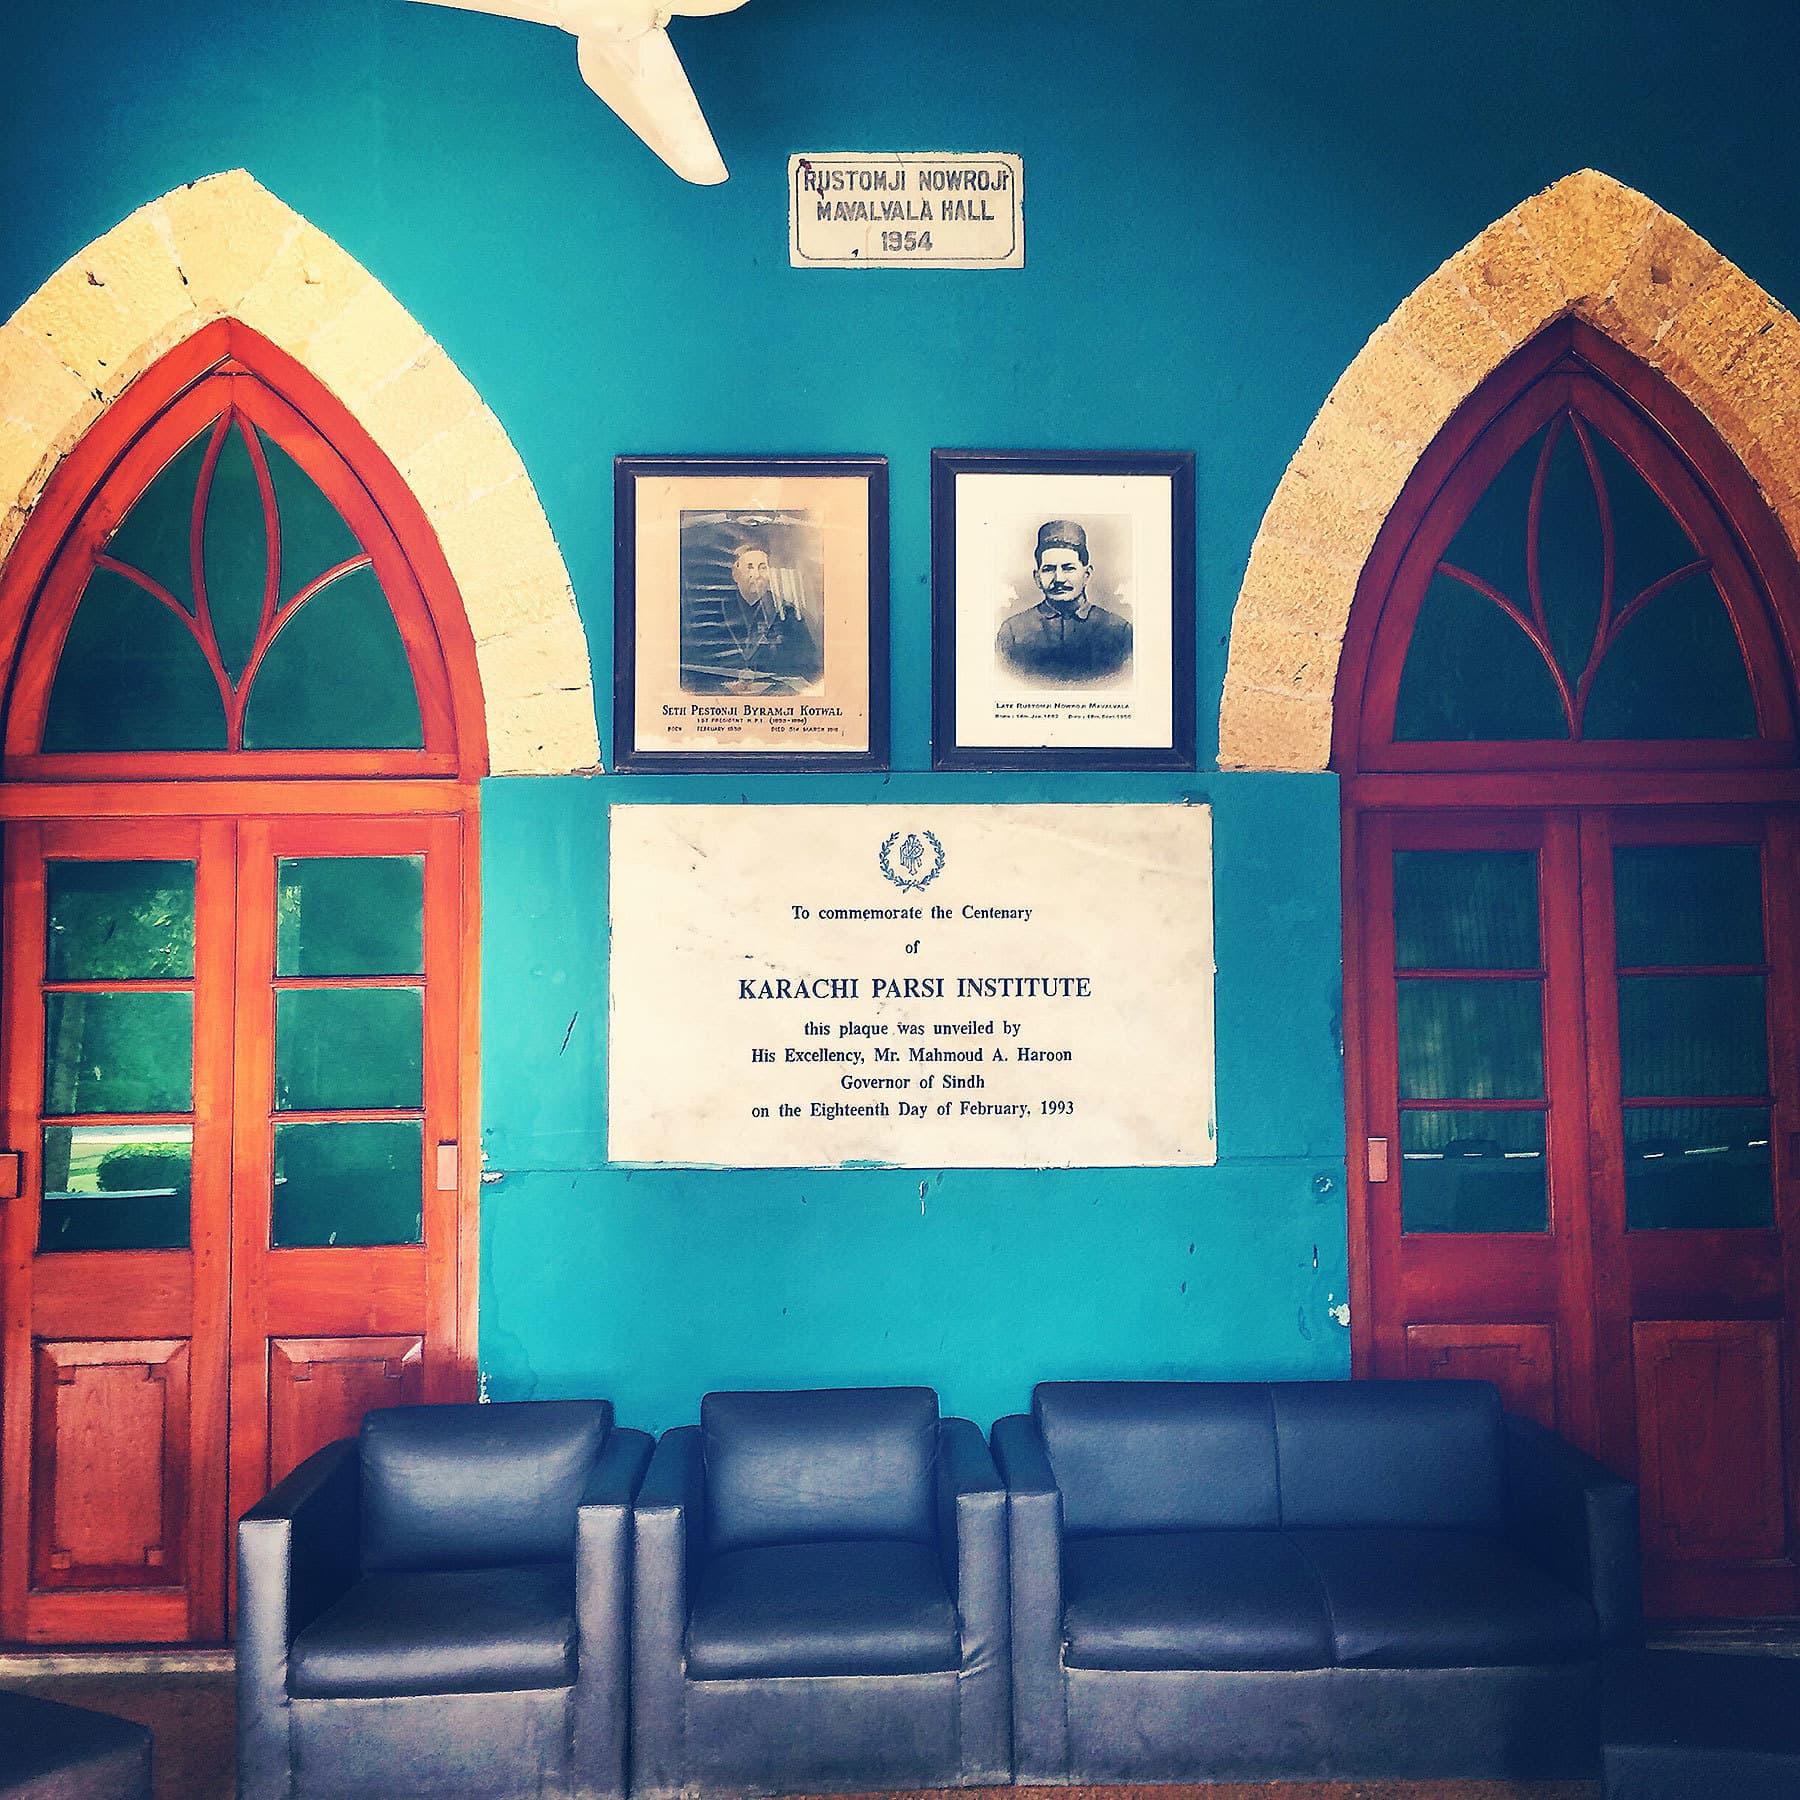 Karachi Parsi Institute.